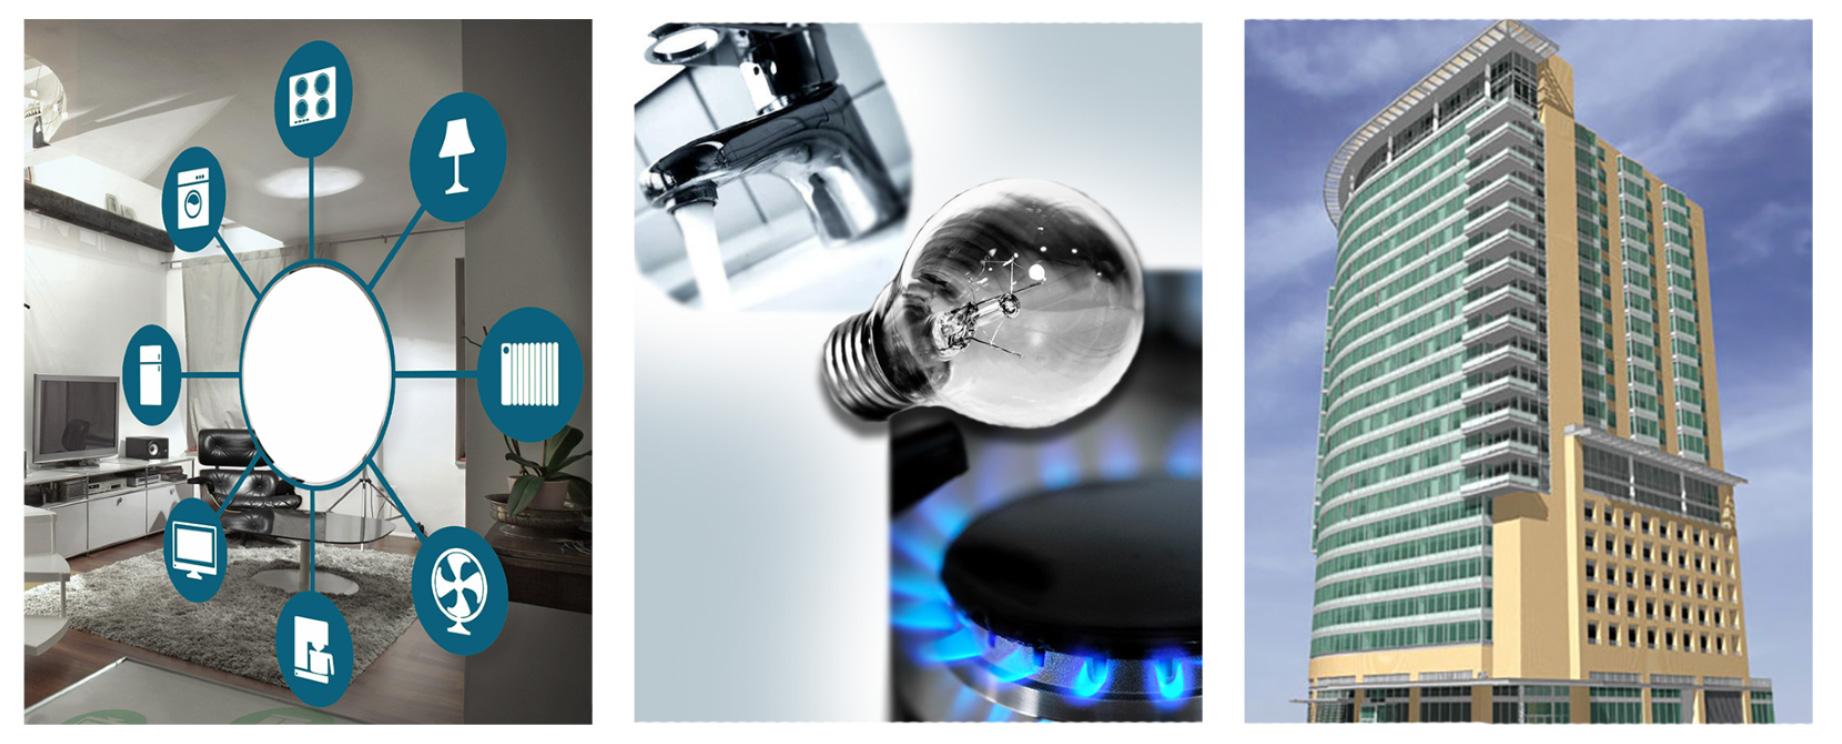 warmpiesoft - immagine di presentazione powerBox: monitoraggio e controllo edifici residenziali